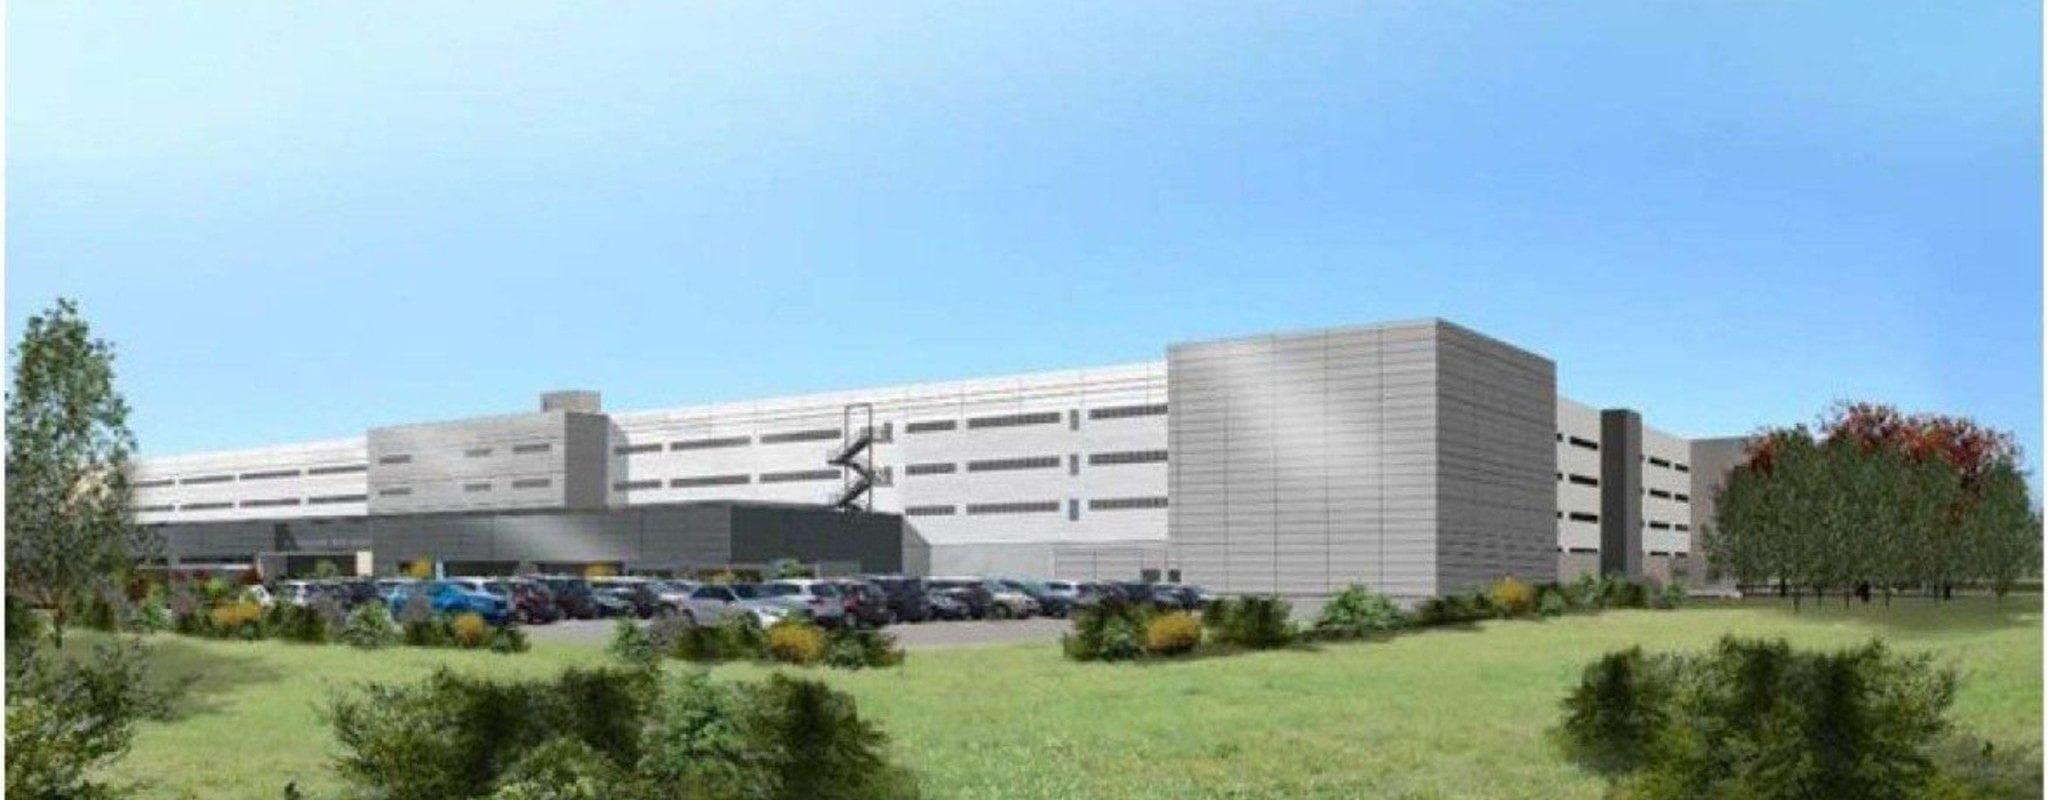 Entrepôt type-Amazon à Ensisheim, la préfecture temporise, les recours se préparent